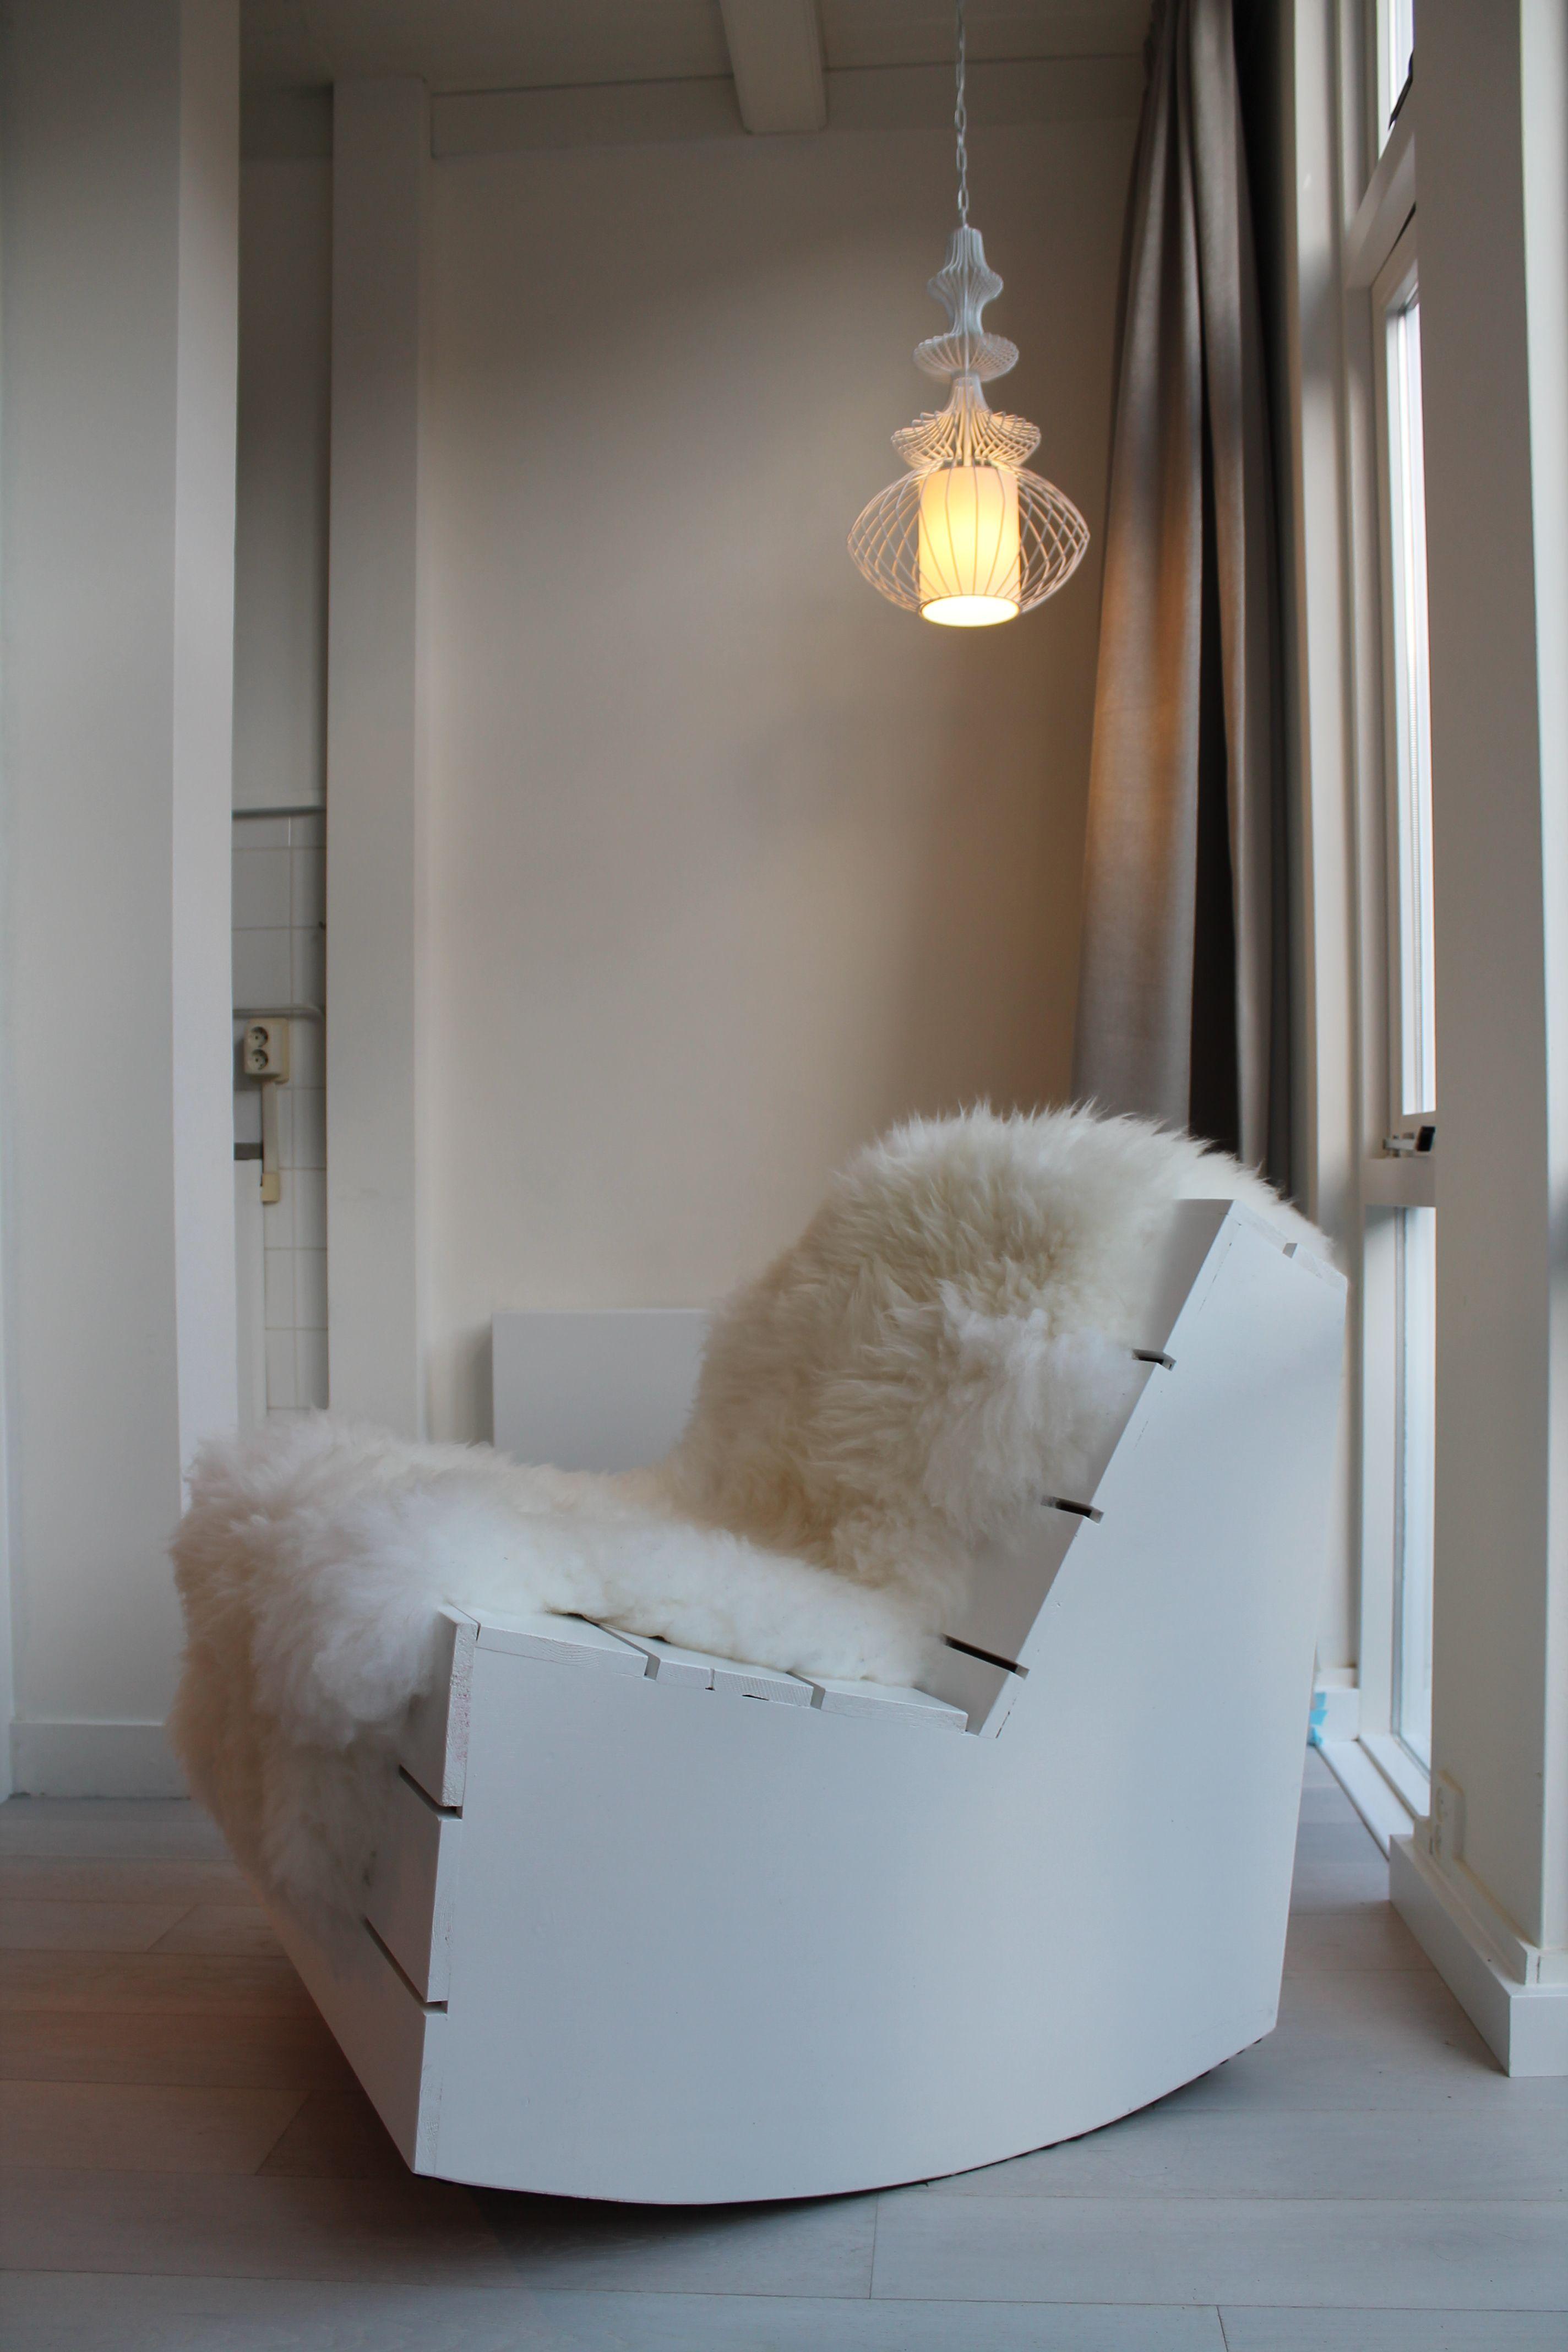 Schommelstoel Wit Praxis.Eigen Huis En Tuin Praxis Een Wit Stoeltje Met Een Vacht